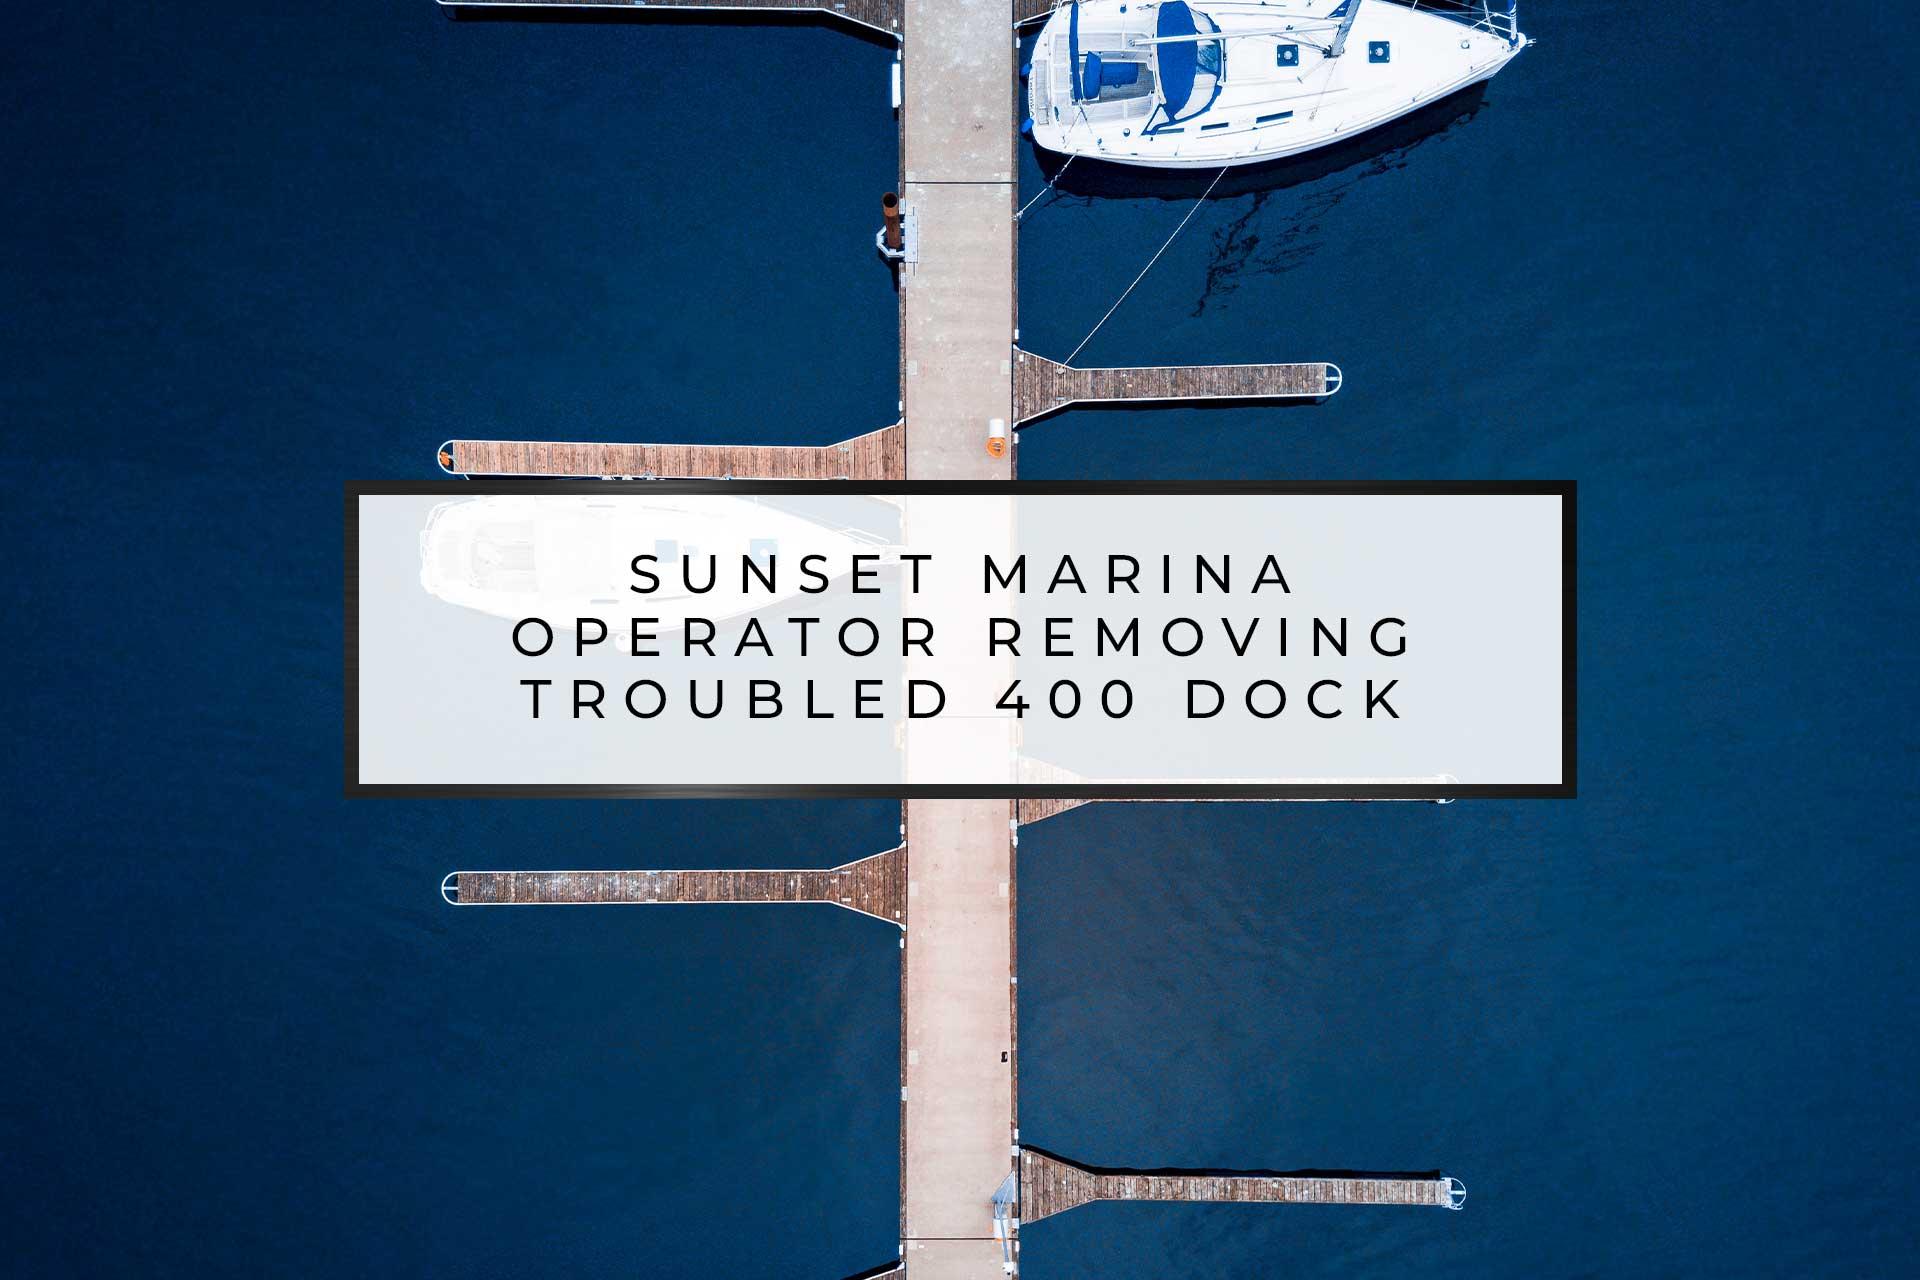 Sunset Marina Operator Removing Troubled Docks | Sunset Marina